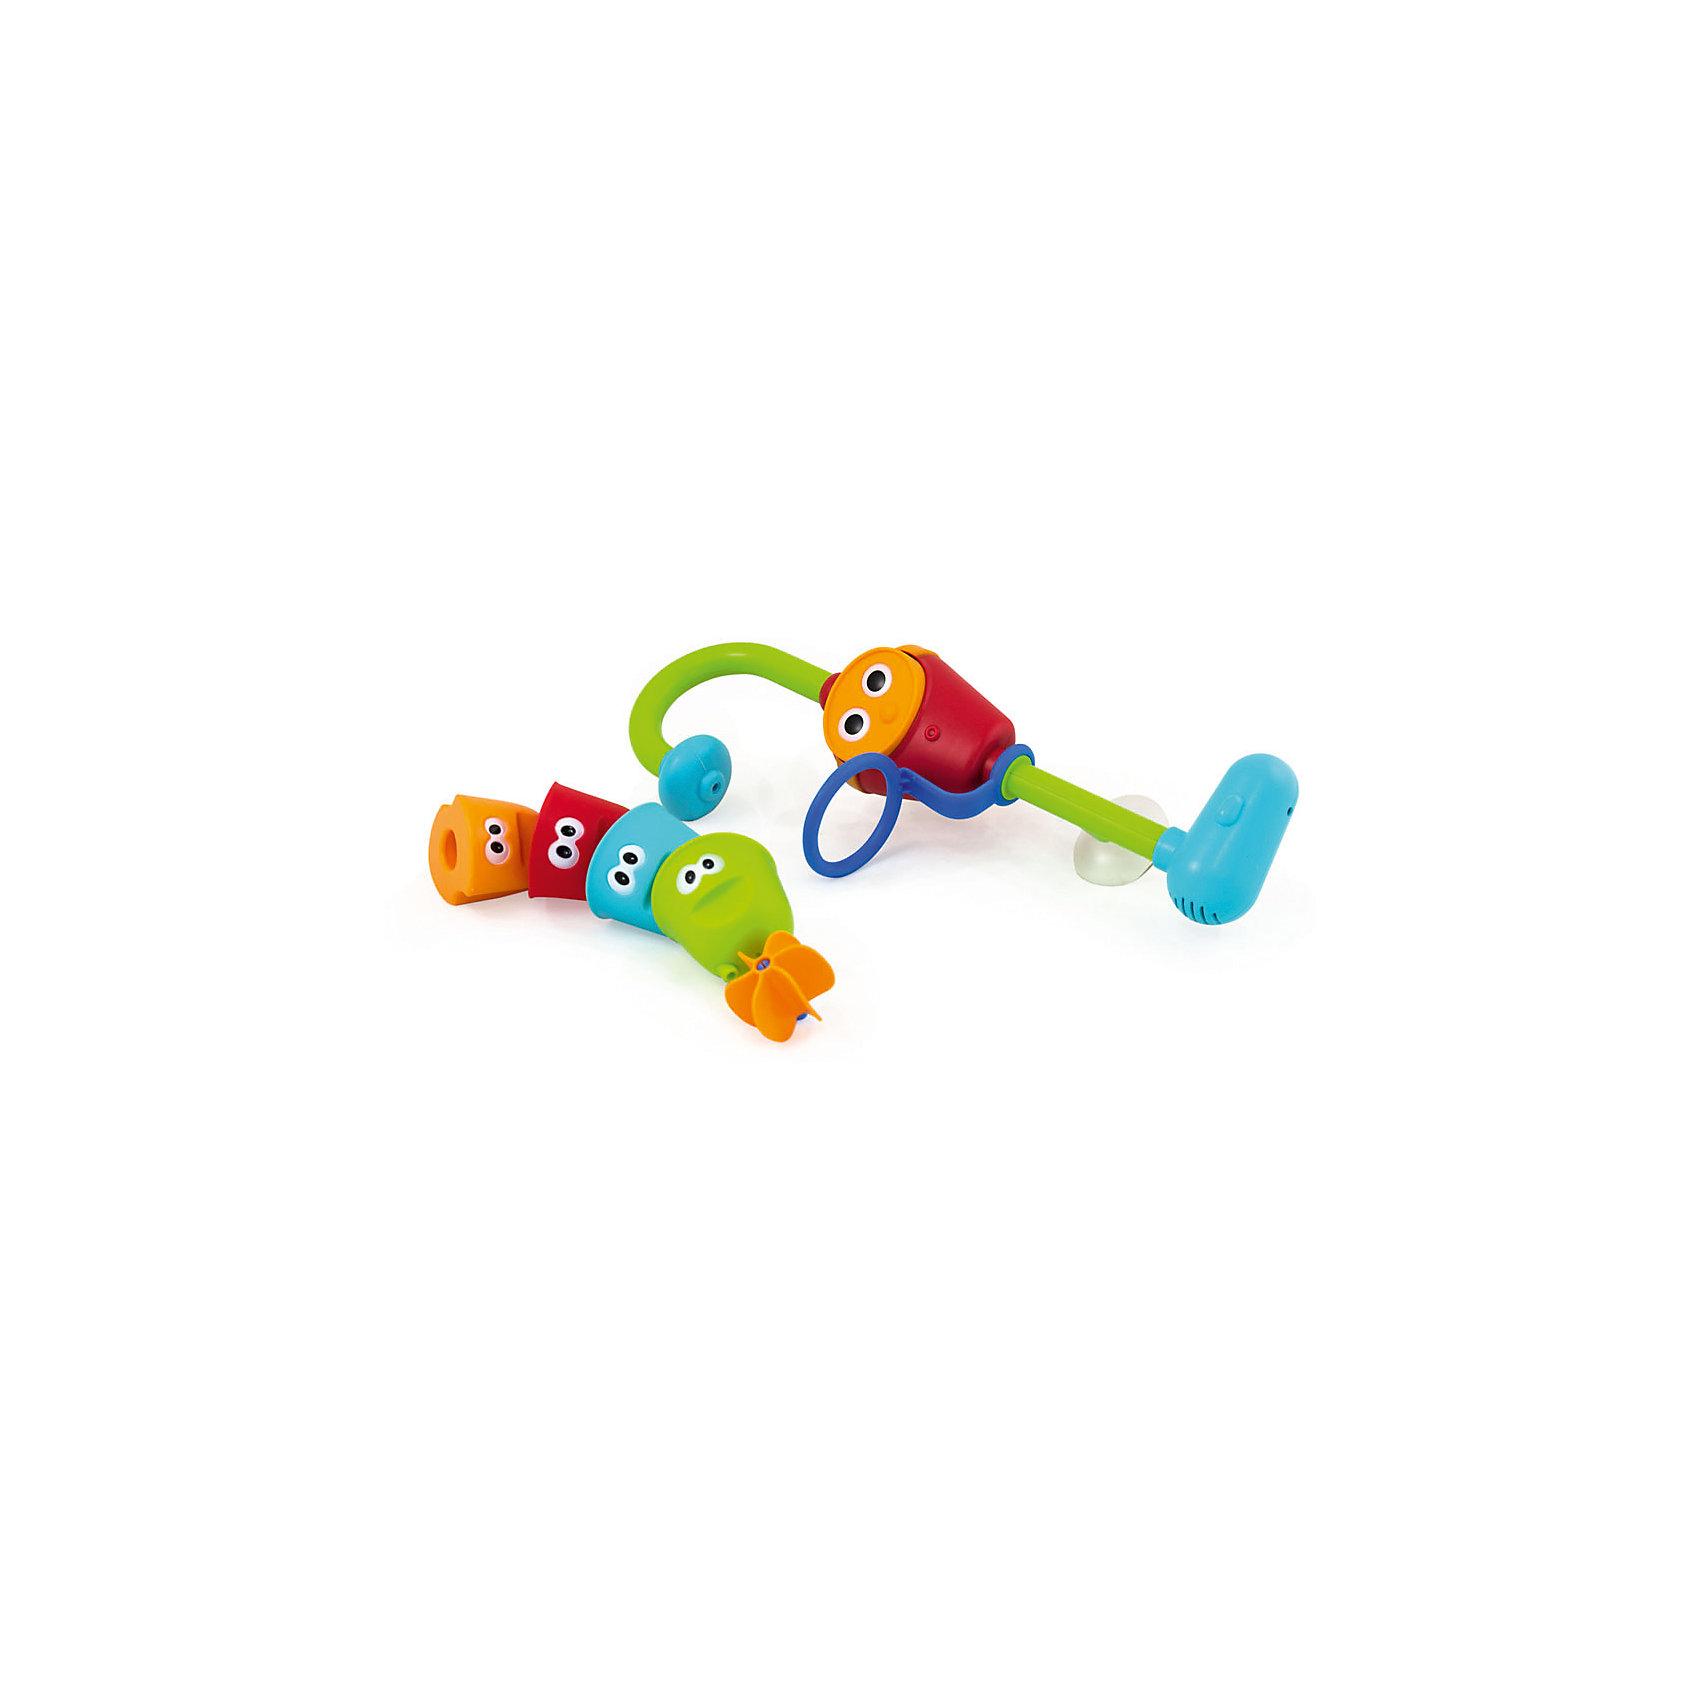 Игрушка для ванны Волшебный кран, PicnMixИгровые наборы<br>Игрушка для ванны Волшебный кран, PicnMix<br><br>Характеристики:<br><br>- в набор входит: насос, 4 формочки<br>- элементы питания: батарейки АА, 3 шт. (в комплекте отсутствуют)<br>- состав: пластик<br><br>Эта увлекательная игрушка от известного бренда детских игрушек PicnMix (ПикнМикс) приведет ребенка в восторг и он захочет купаться с ней снова и снова. Не сложная, но захватывающая, она привлечет внимание своей интересной структурой  и дизайном. Насос помещается в ванную, надежно прикрепляясь к стенке с помощью присоски, а из лейки начитает литься вода. Разноцветные формочки с  симпатичными глазками имеют отверстия на донышках, из которых водичка выливается по-разному. Последняя формочка имеет донышко в виде водяной мельницы и когда в нее попадает вода, то колесо начинает двигаться. Игрушка изготовлена из высококачественного пластика и безопасна для детей. Игрушка поможет развить внимательность, логическое мышление, моторику, выучить цвета и прекрасно провести время во время купания.<br><br>Игрушку для ванны Волшебный кран, PicnMix (ПикнМикс) можно купить в нашем интернет-магазине.<br><br>Ширина мм: 190<br>Глубина мм: 90<br>Высота мм: 390<br>Вес г: 550<br>Возраст от месяцев: 9<br>Возраст до месяцев: 60<br>Пол: Унисекс<br>Возраст: Детский<br>SKU: 5078478